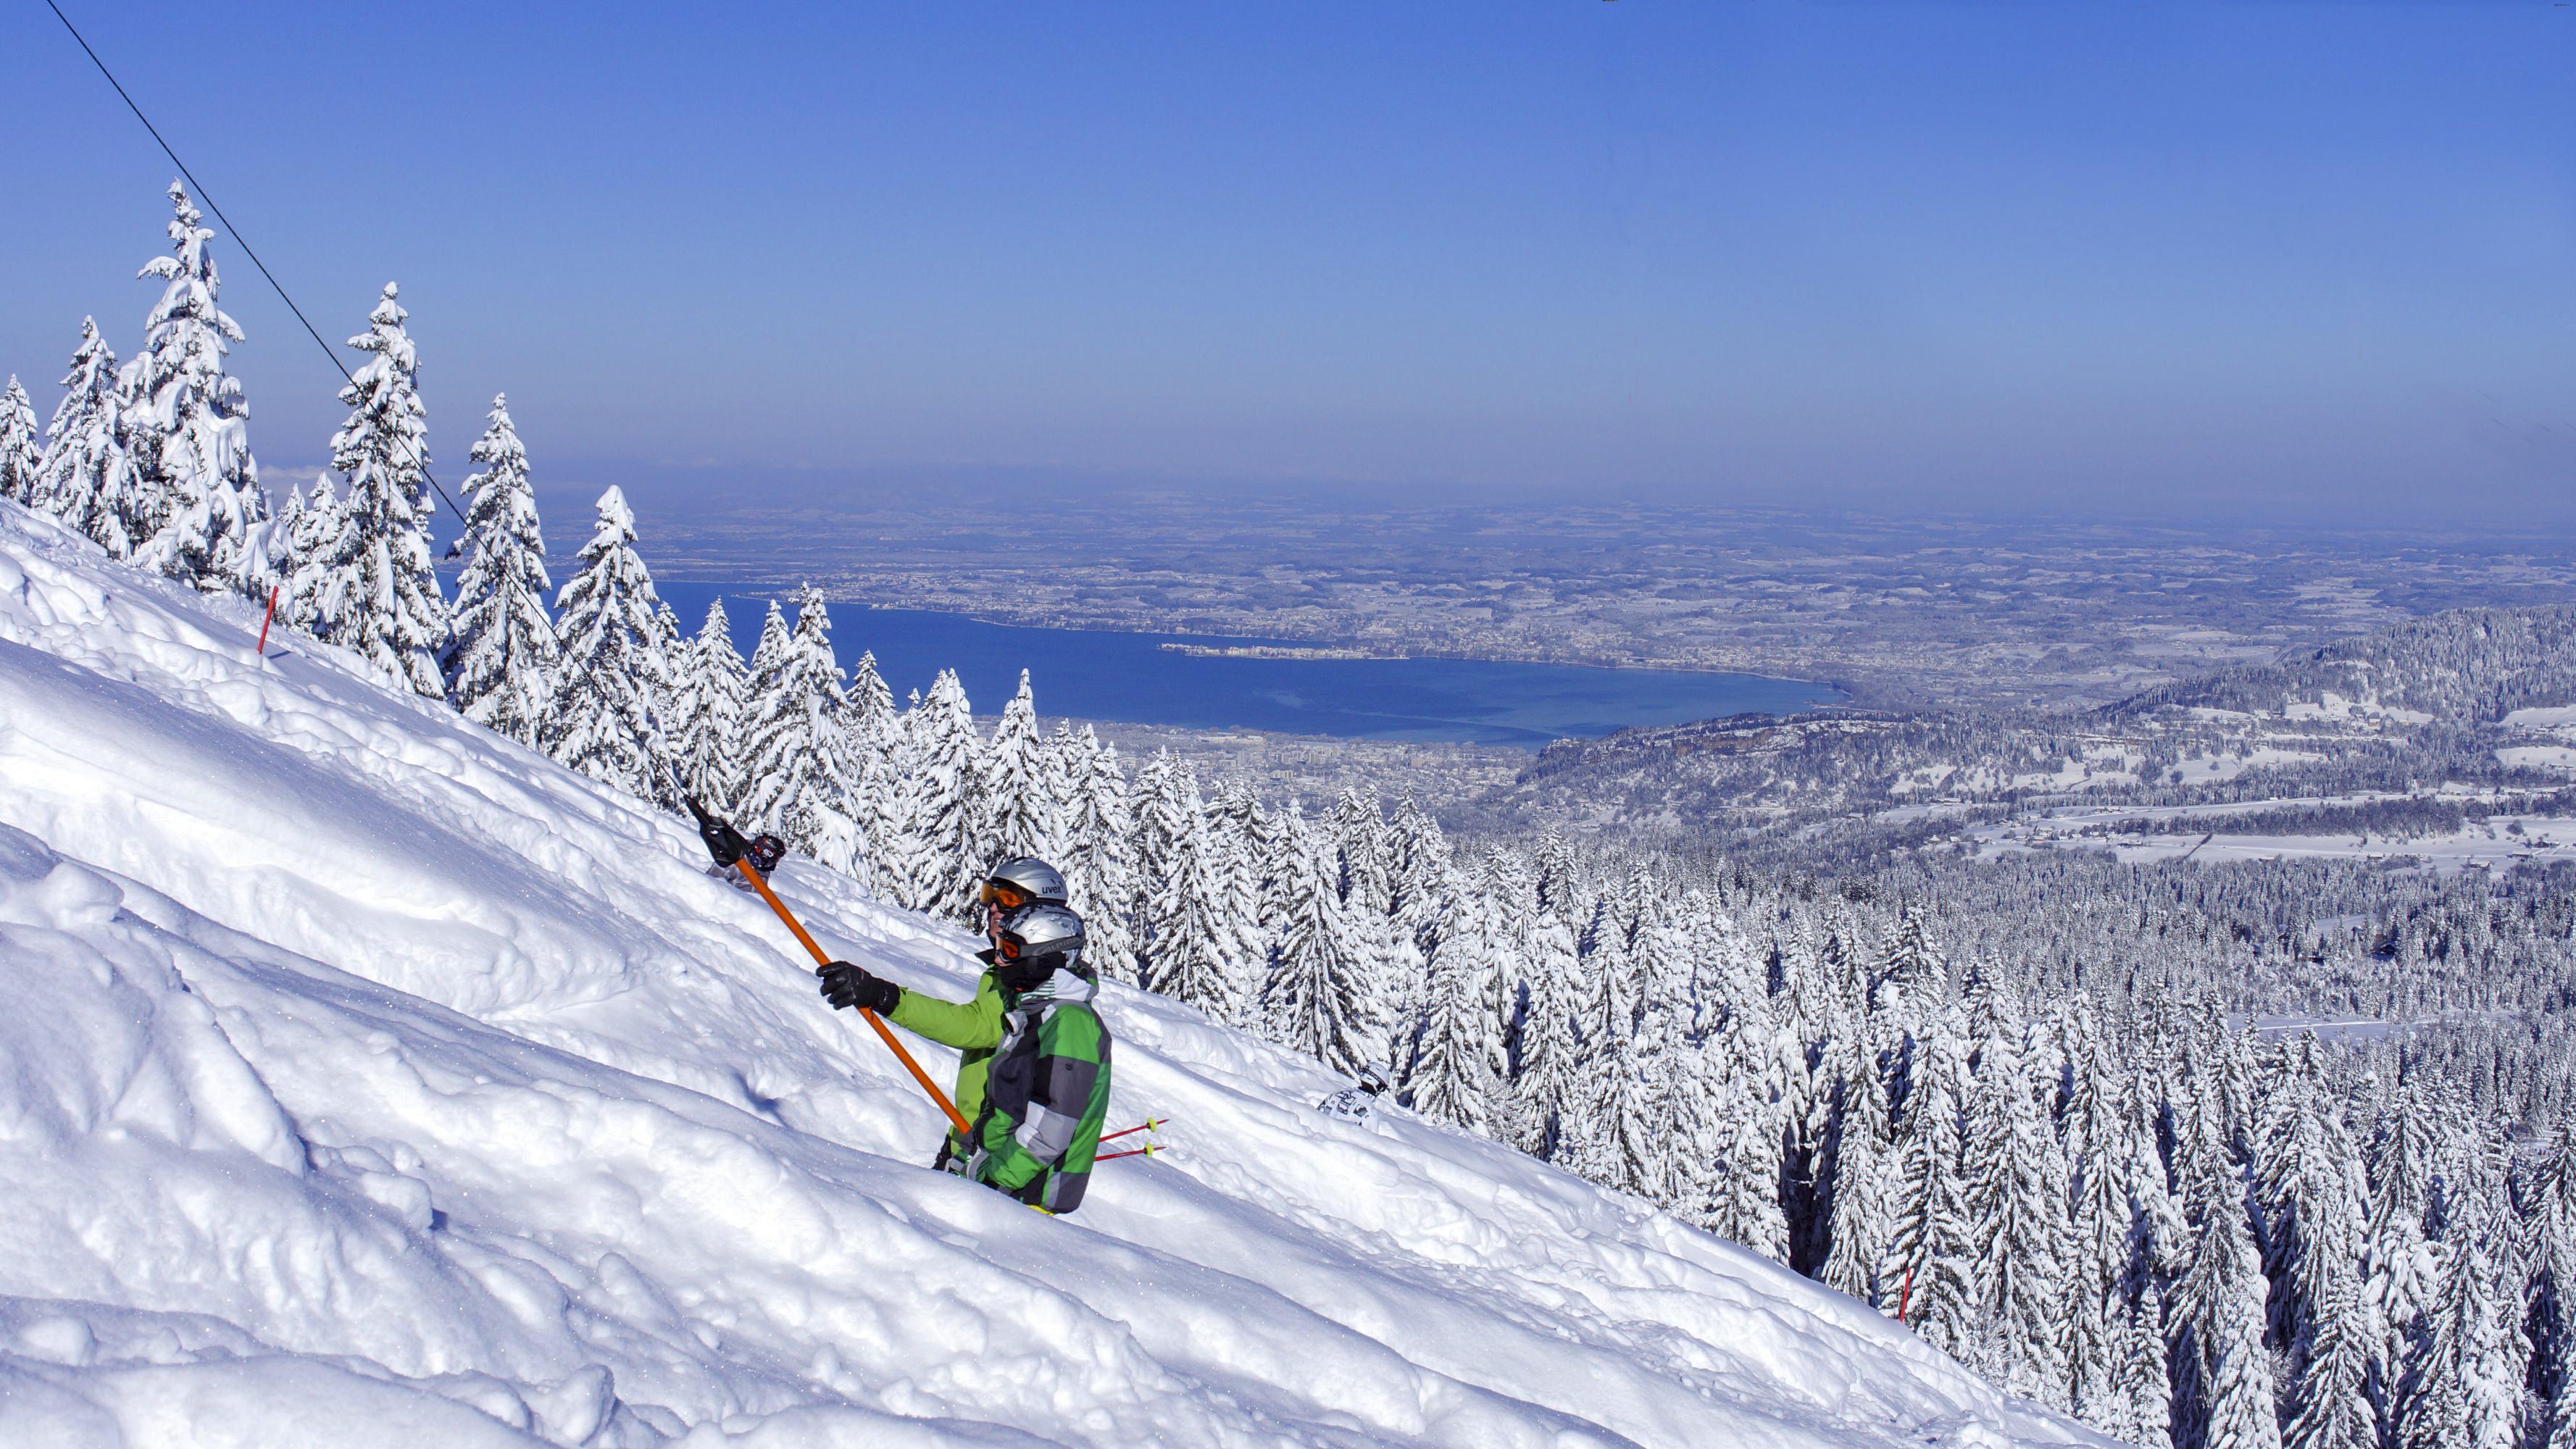 Skigebiet Bödele, Seeblicklift mit Blick zum Bodensee / Copyright© Alois Metzler